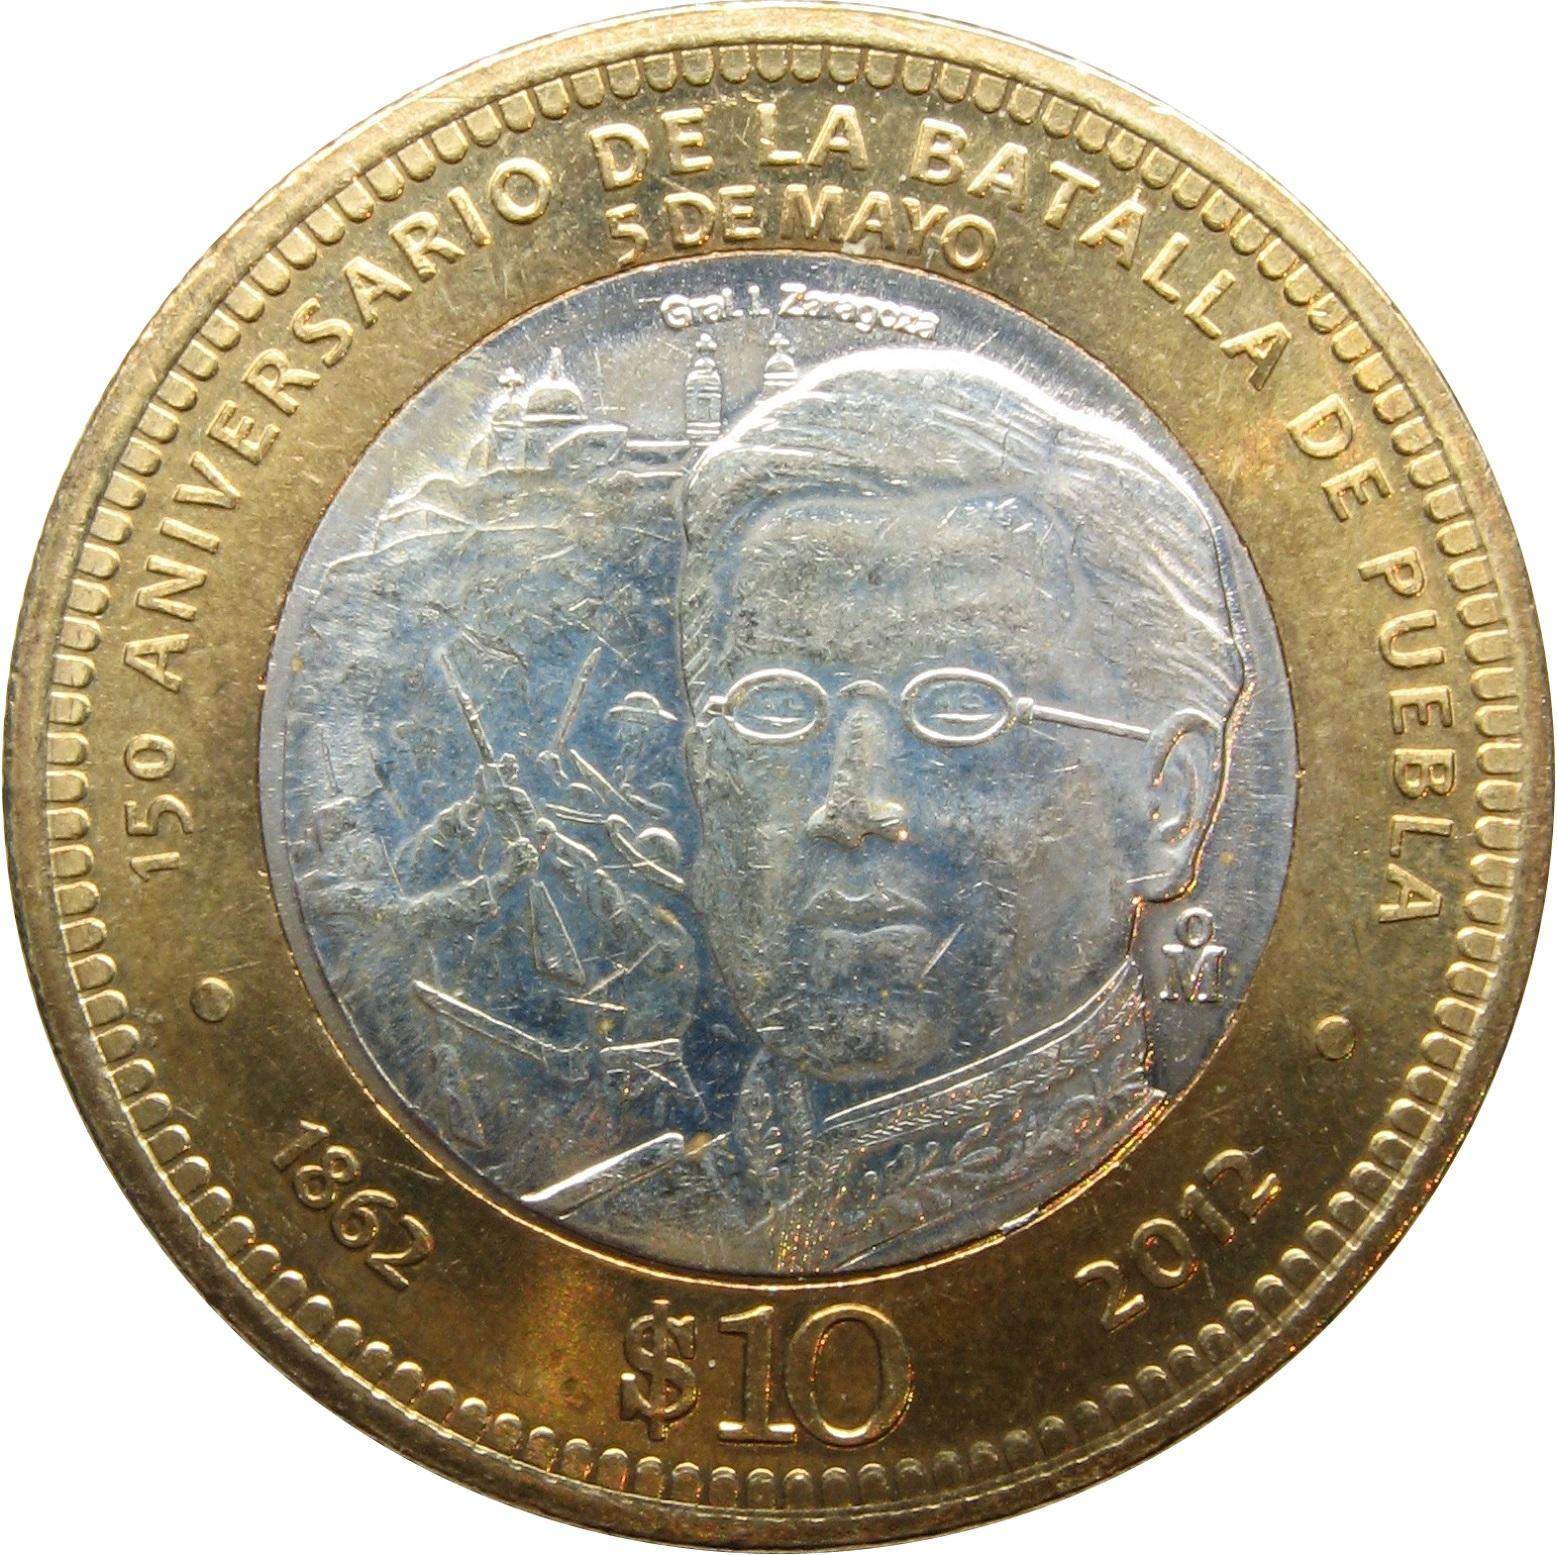 10 Pesos (Battle of Puebla) - Mexico - Numista